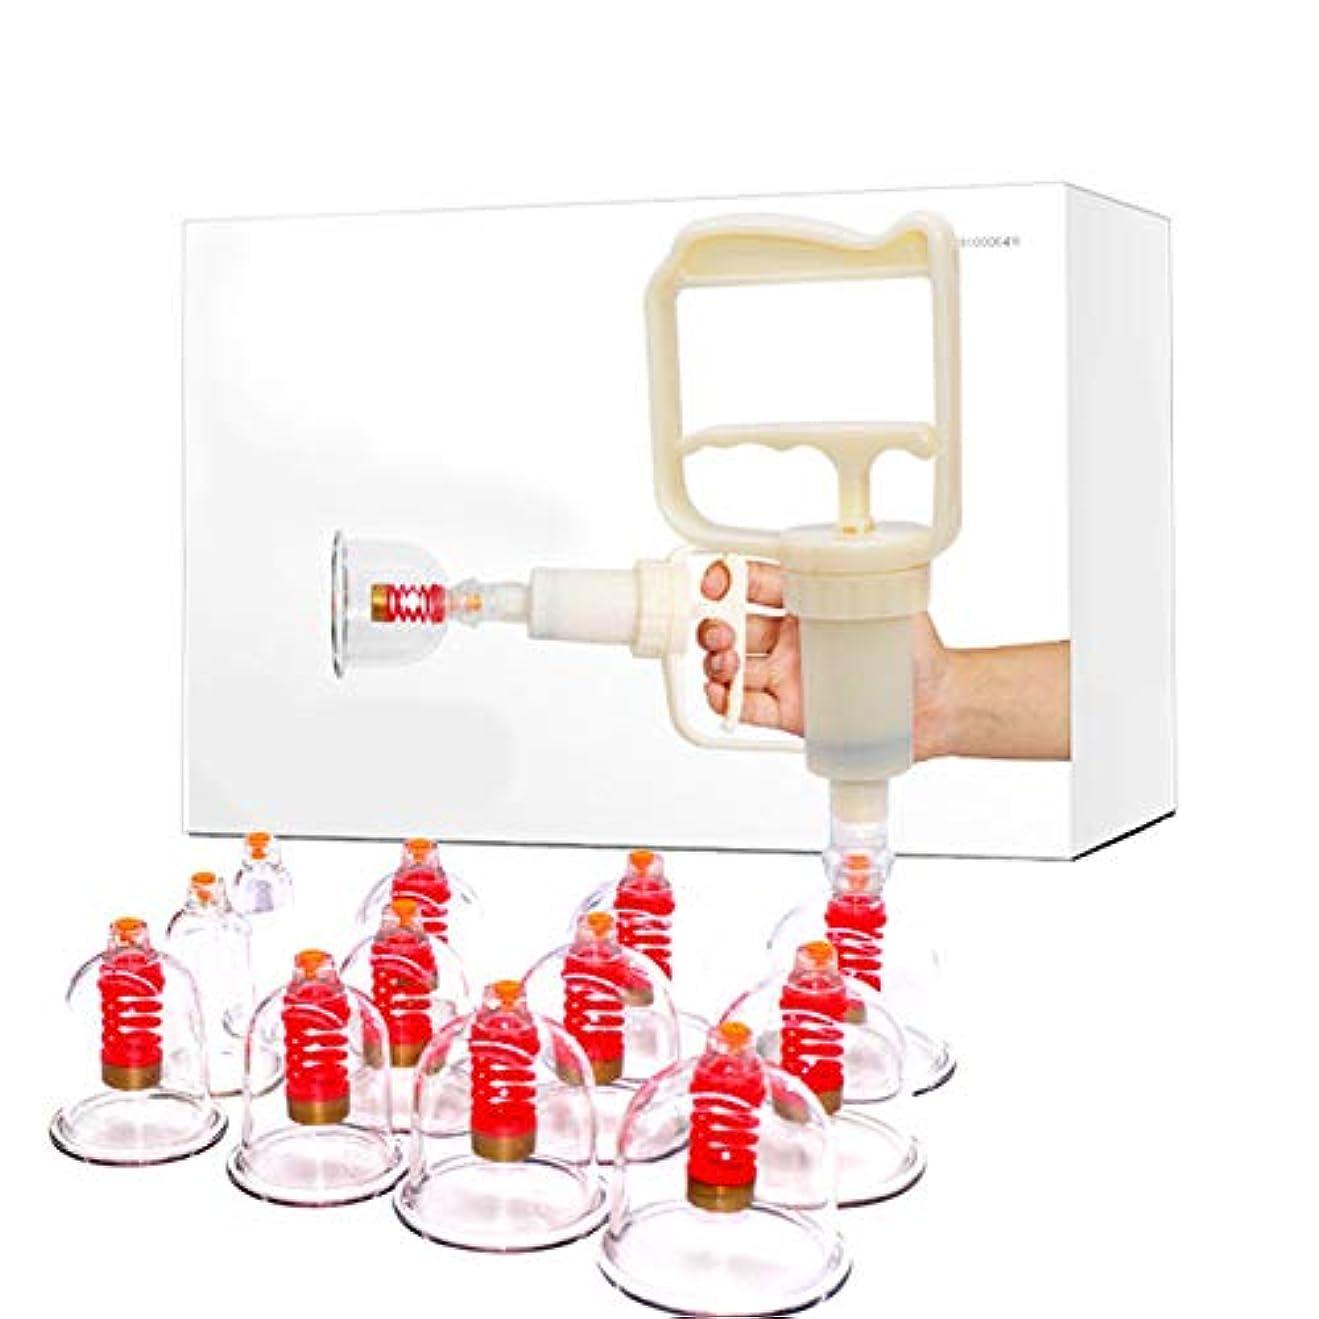 クリスマス休戦むしゃむしゃ12カップカッピングセットプラスチック、真空吸引中国のツボ療法、在宅医療、筋肉関節痛、肩背部膝痛の軽減に最適